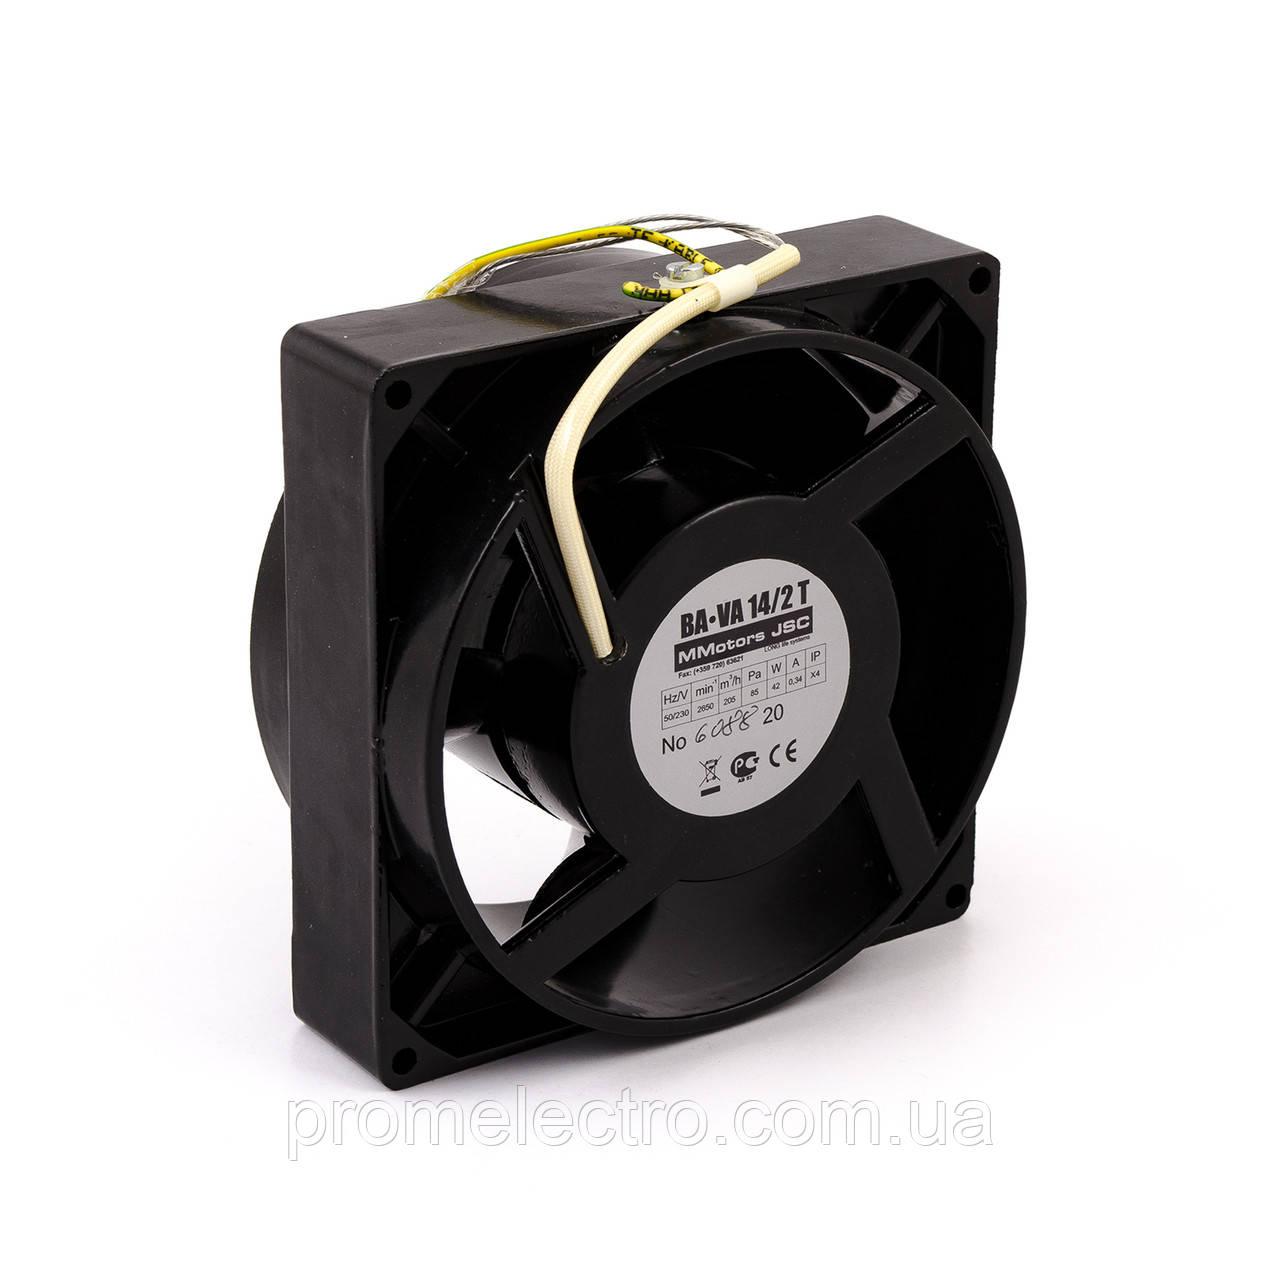 Осевой высокотемпературный вентилятор MMotors VA 14/2 (+140°С)